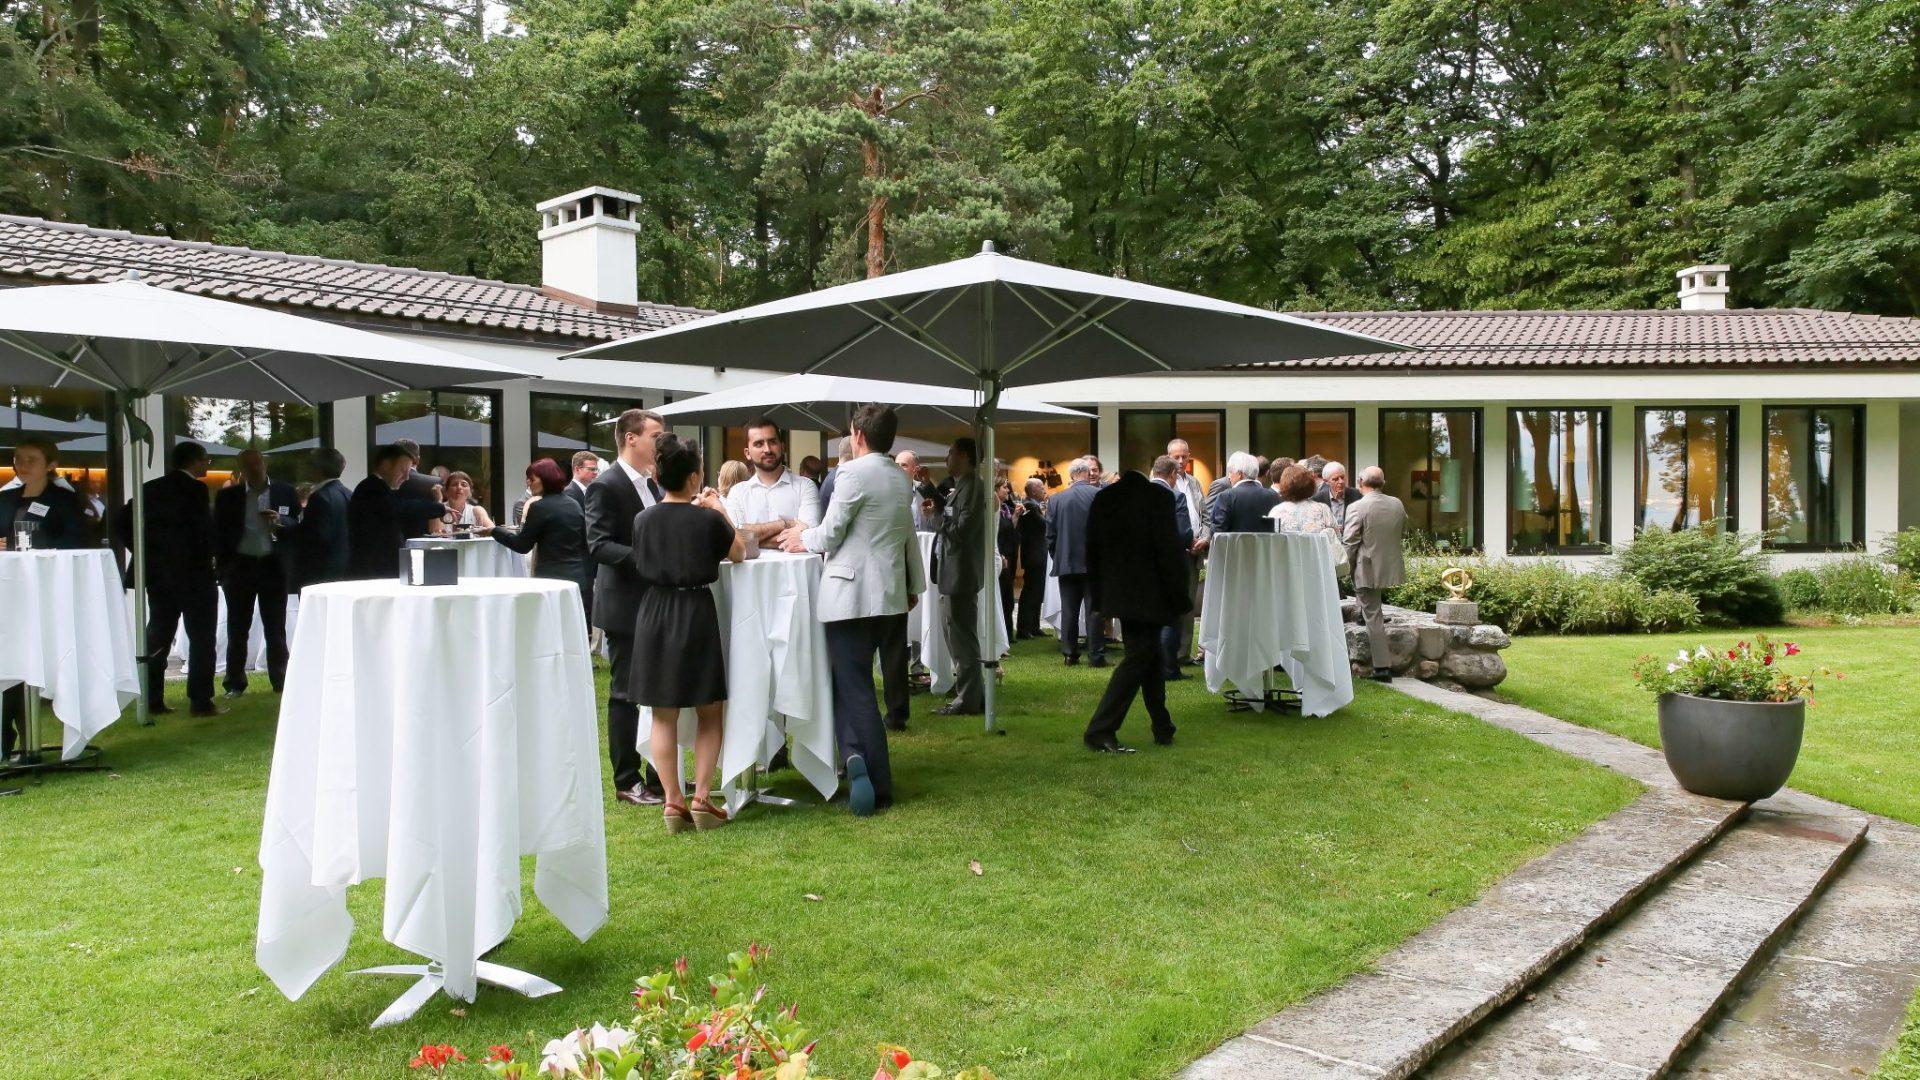 Des Alumni discutant autour d'une table, à l'extérieur d'un bâtiment, durant la Garden Party organisée en 2016.